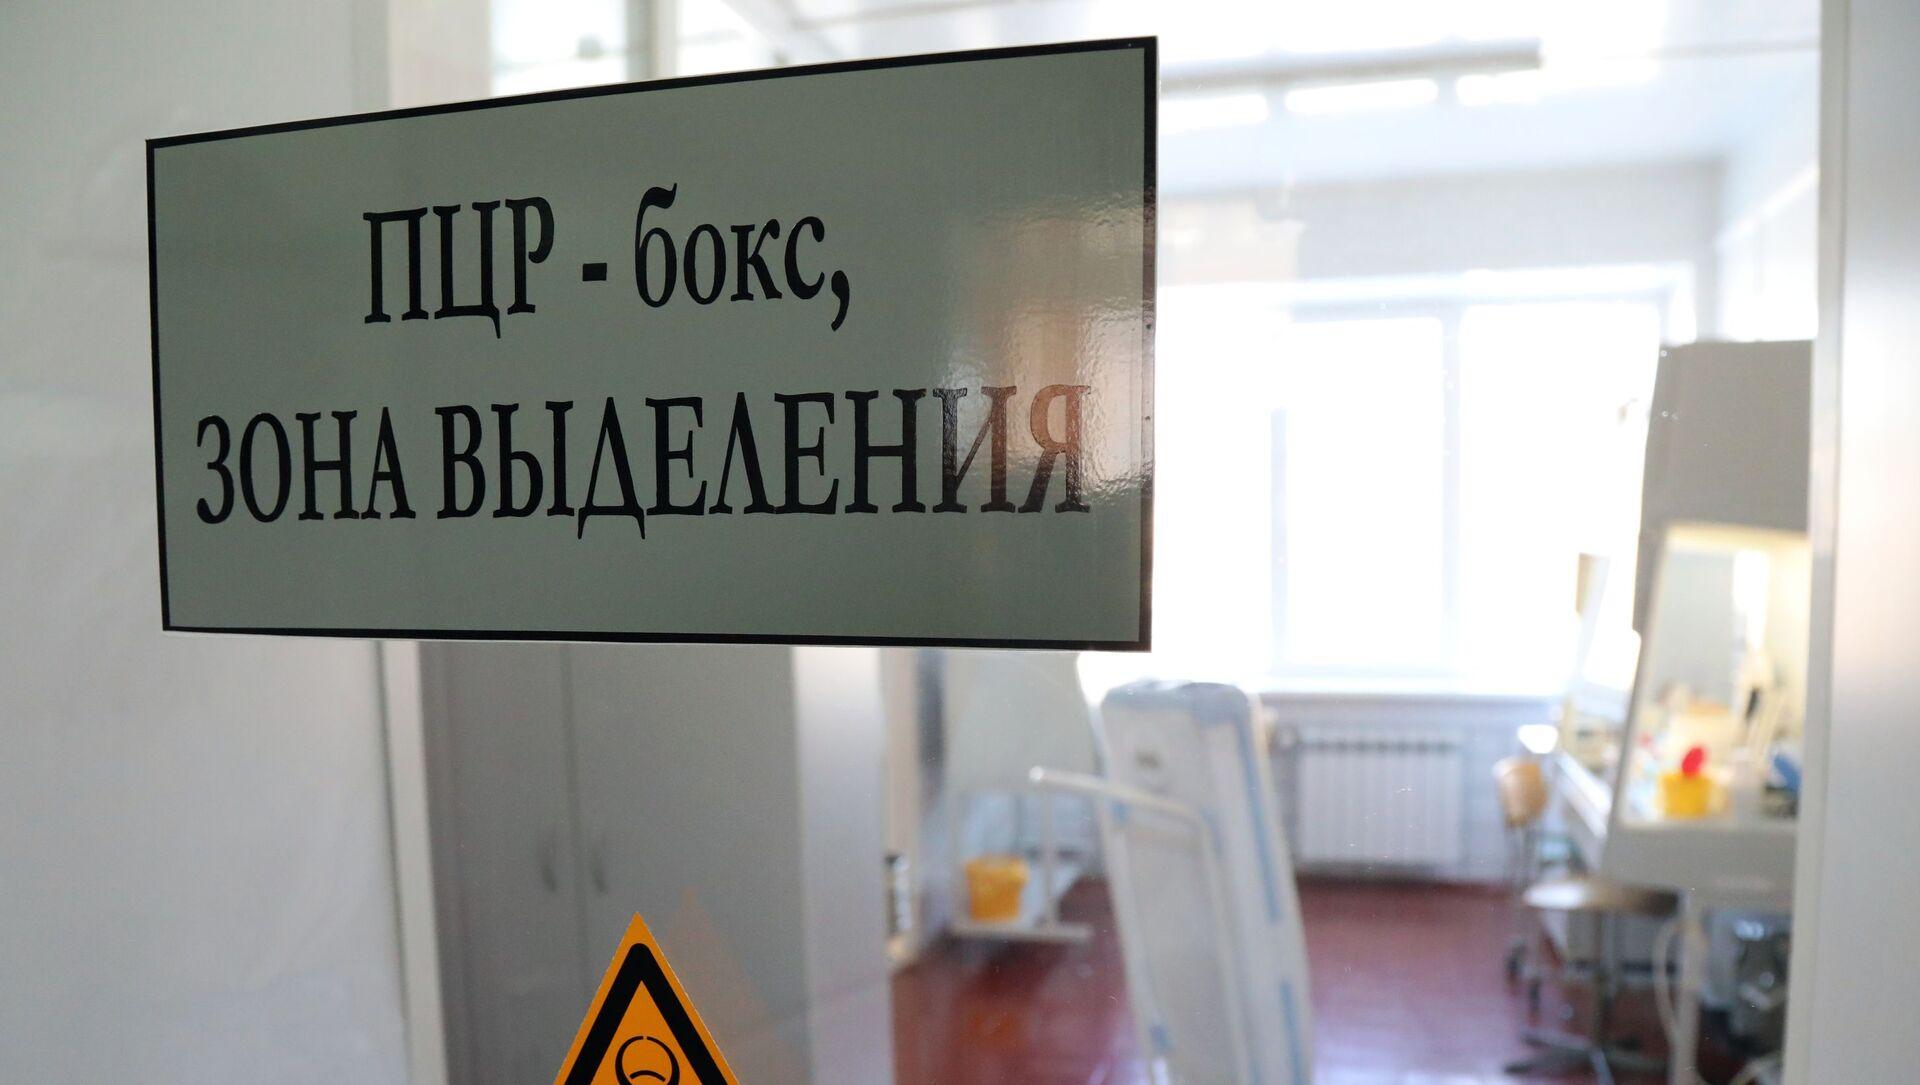 Лаборатория для тестирования на коронавирус. Архивное фото - Sputnik Южная Осетия, 1920, 03.10.2021